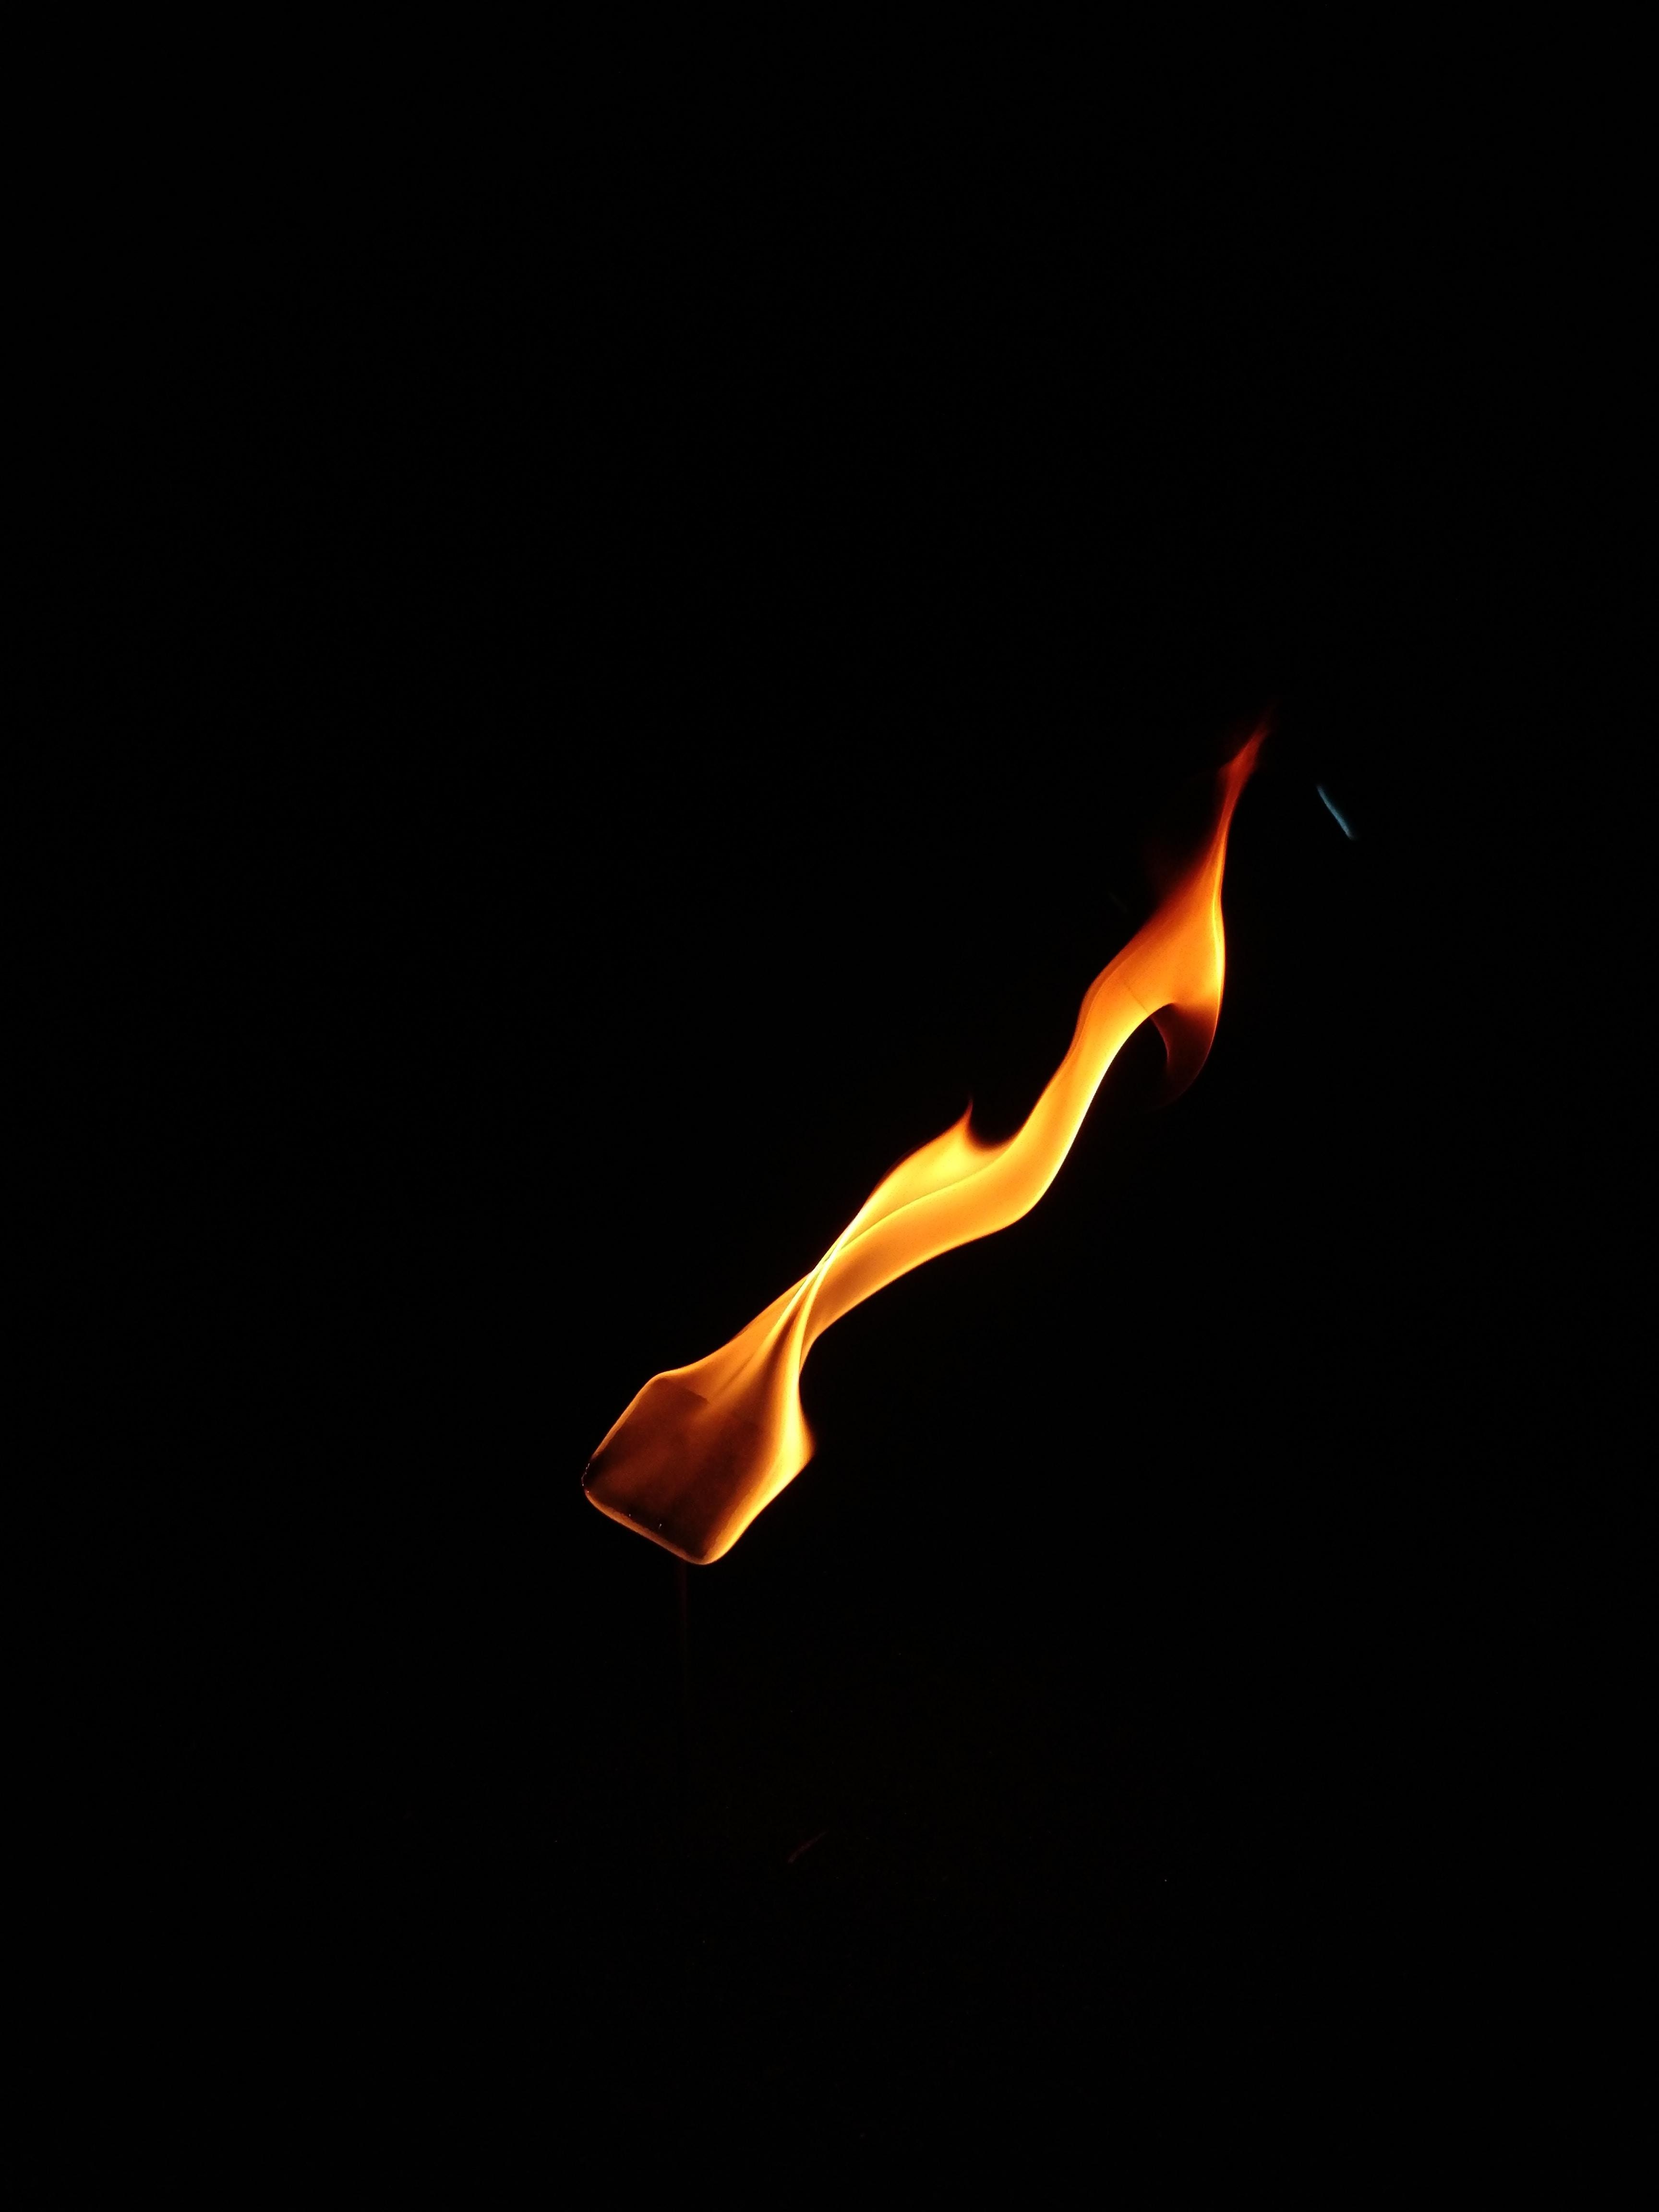 orange fire digital wallpaper